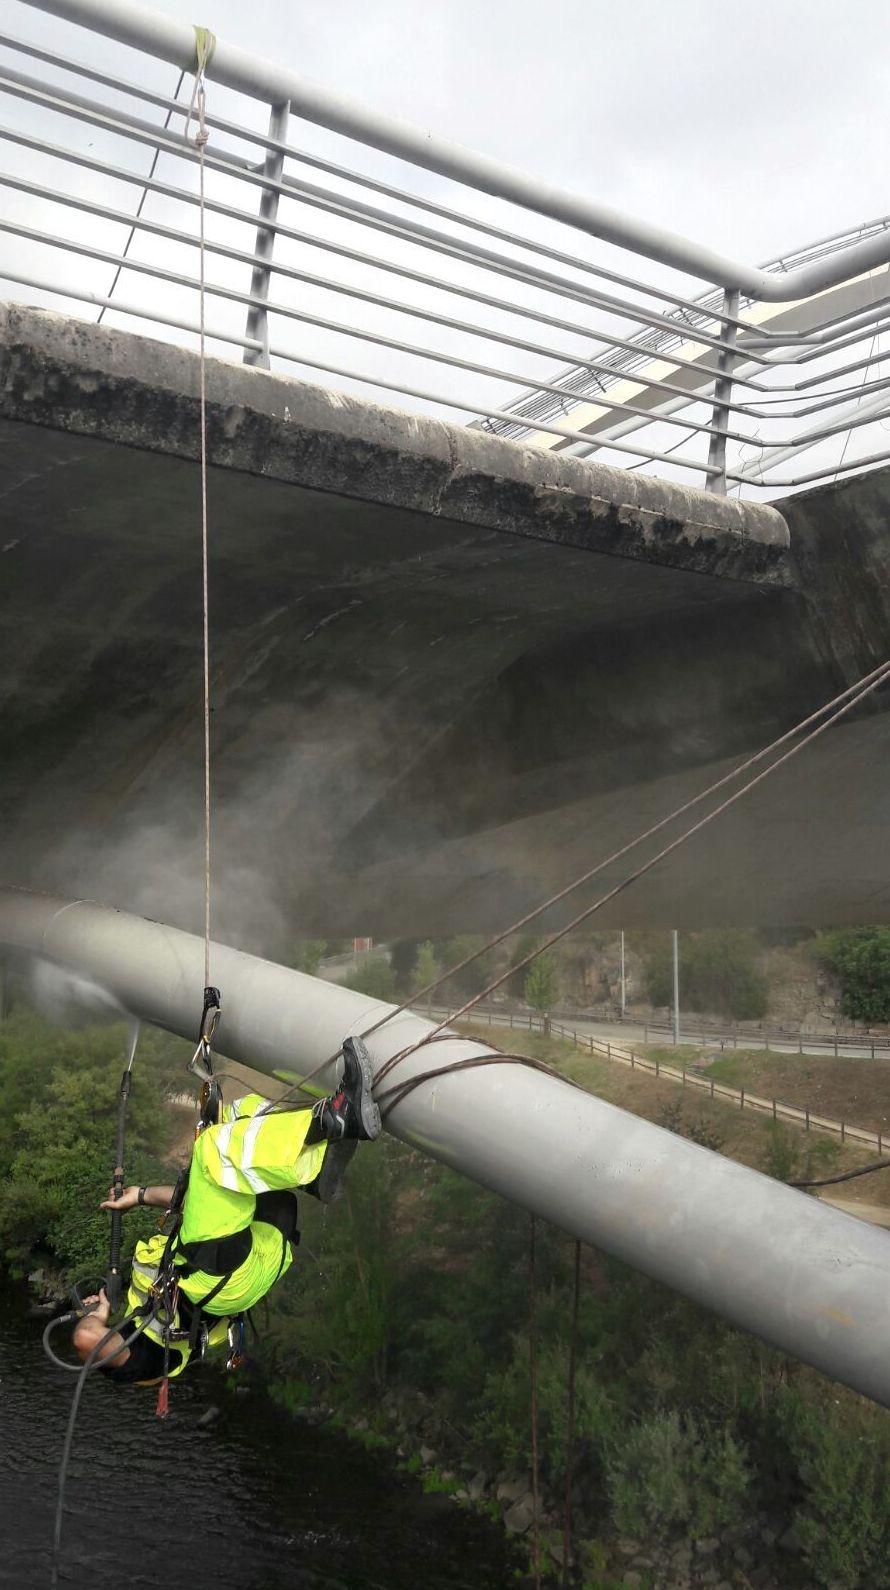 Limpieza costillas Puente del MIlenio con trabajos verticales.